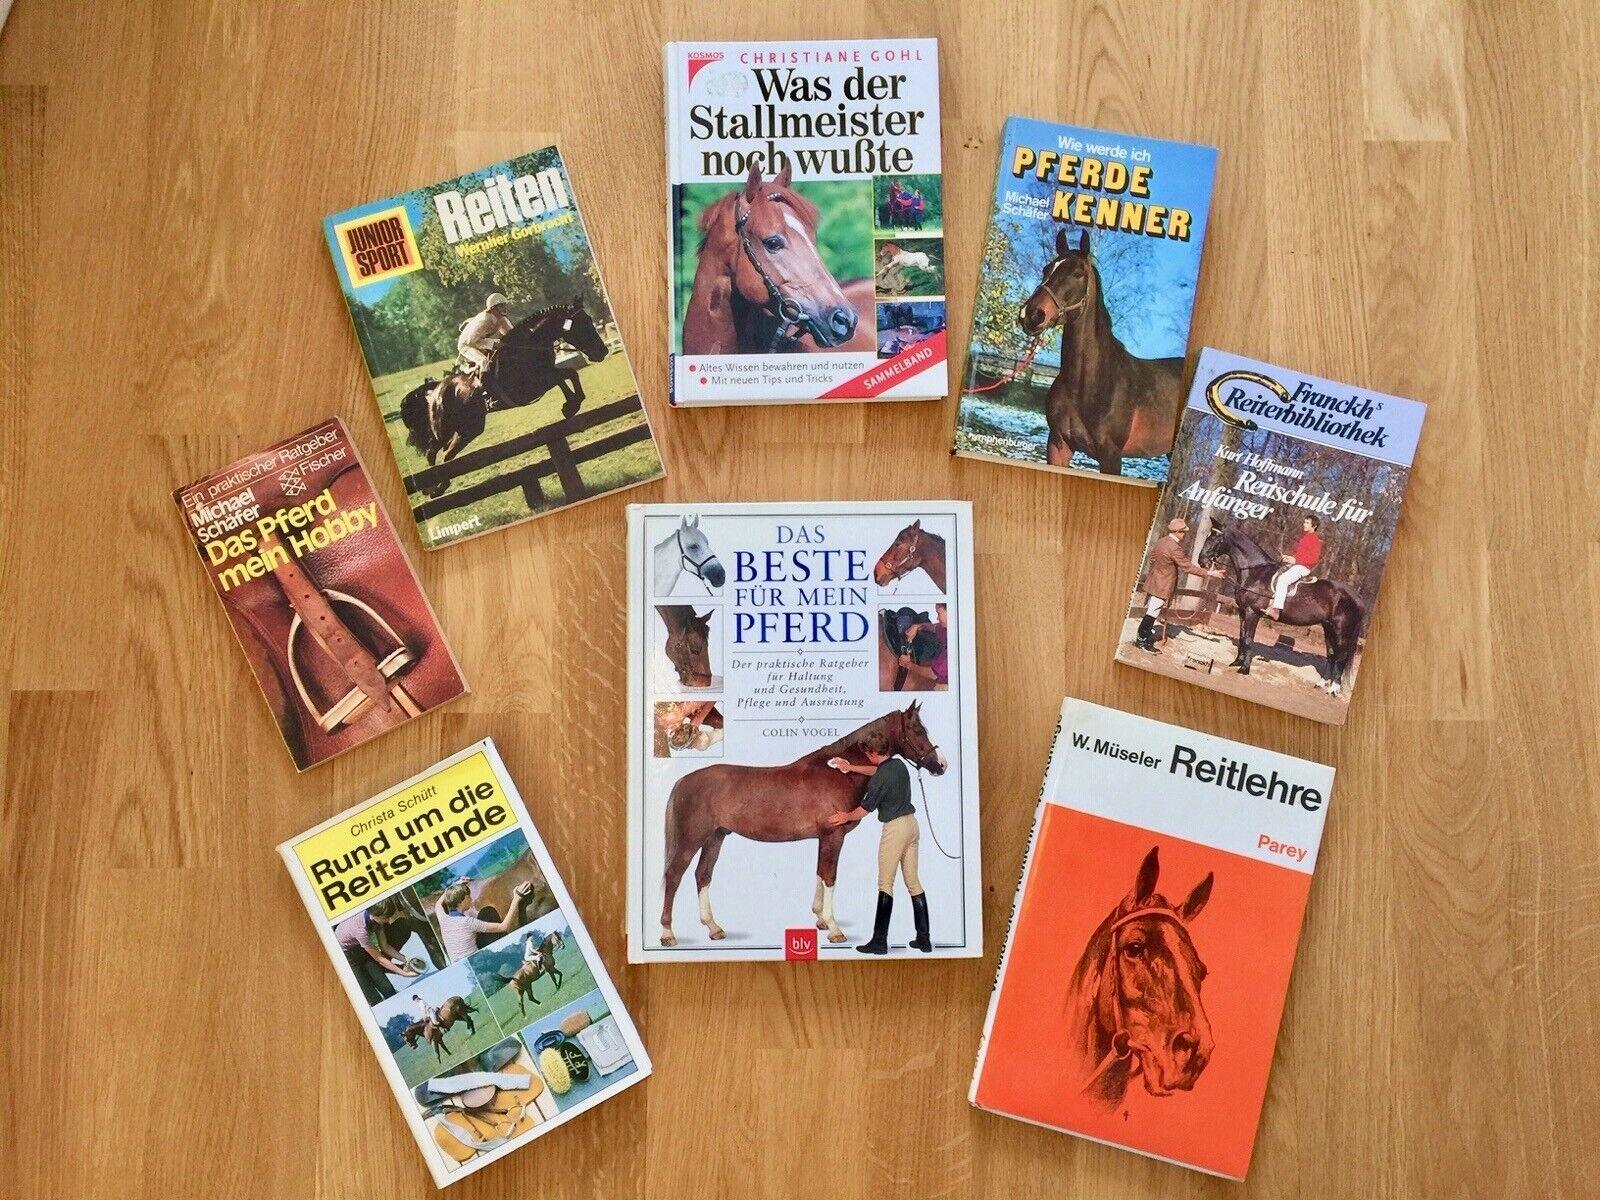 8 libros caballo jinete-müseler reitlehre colección ca 1350 páginas caballos saber